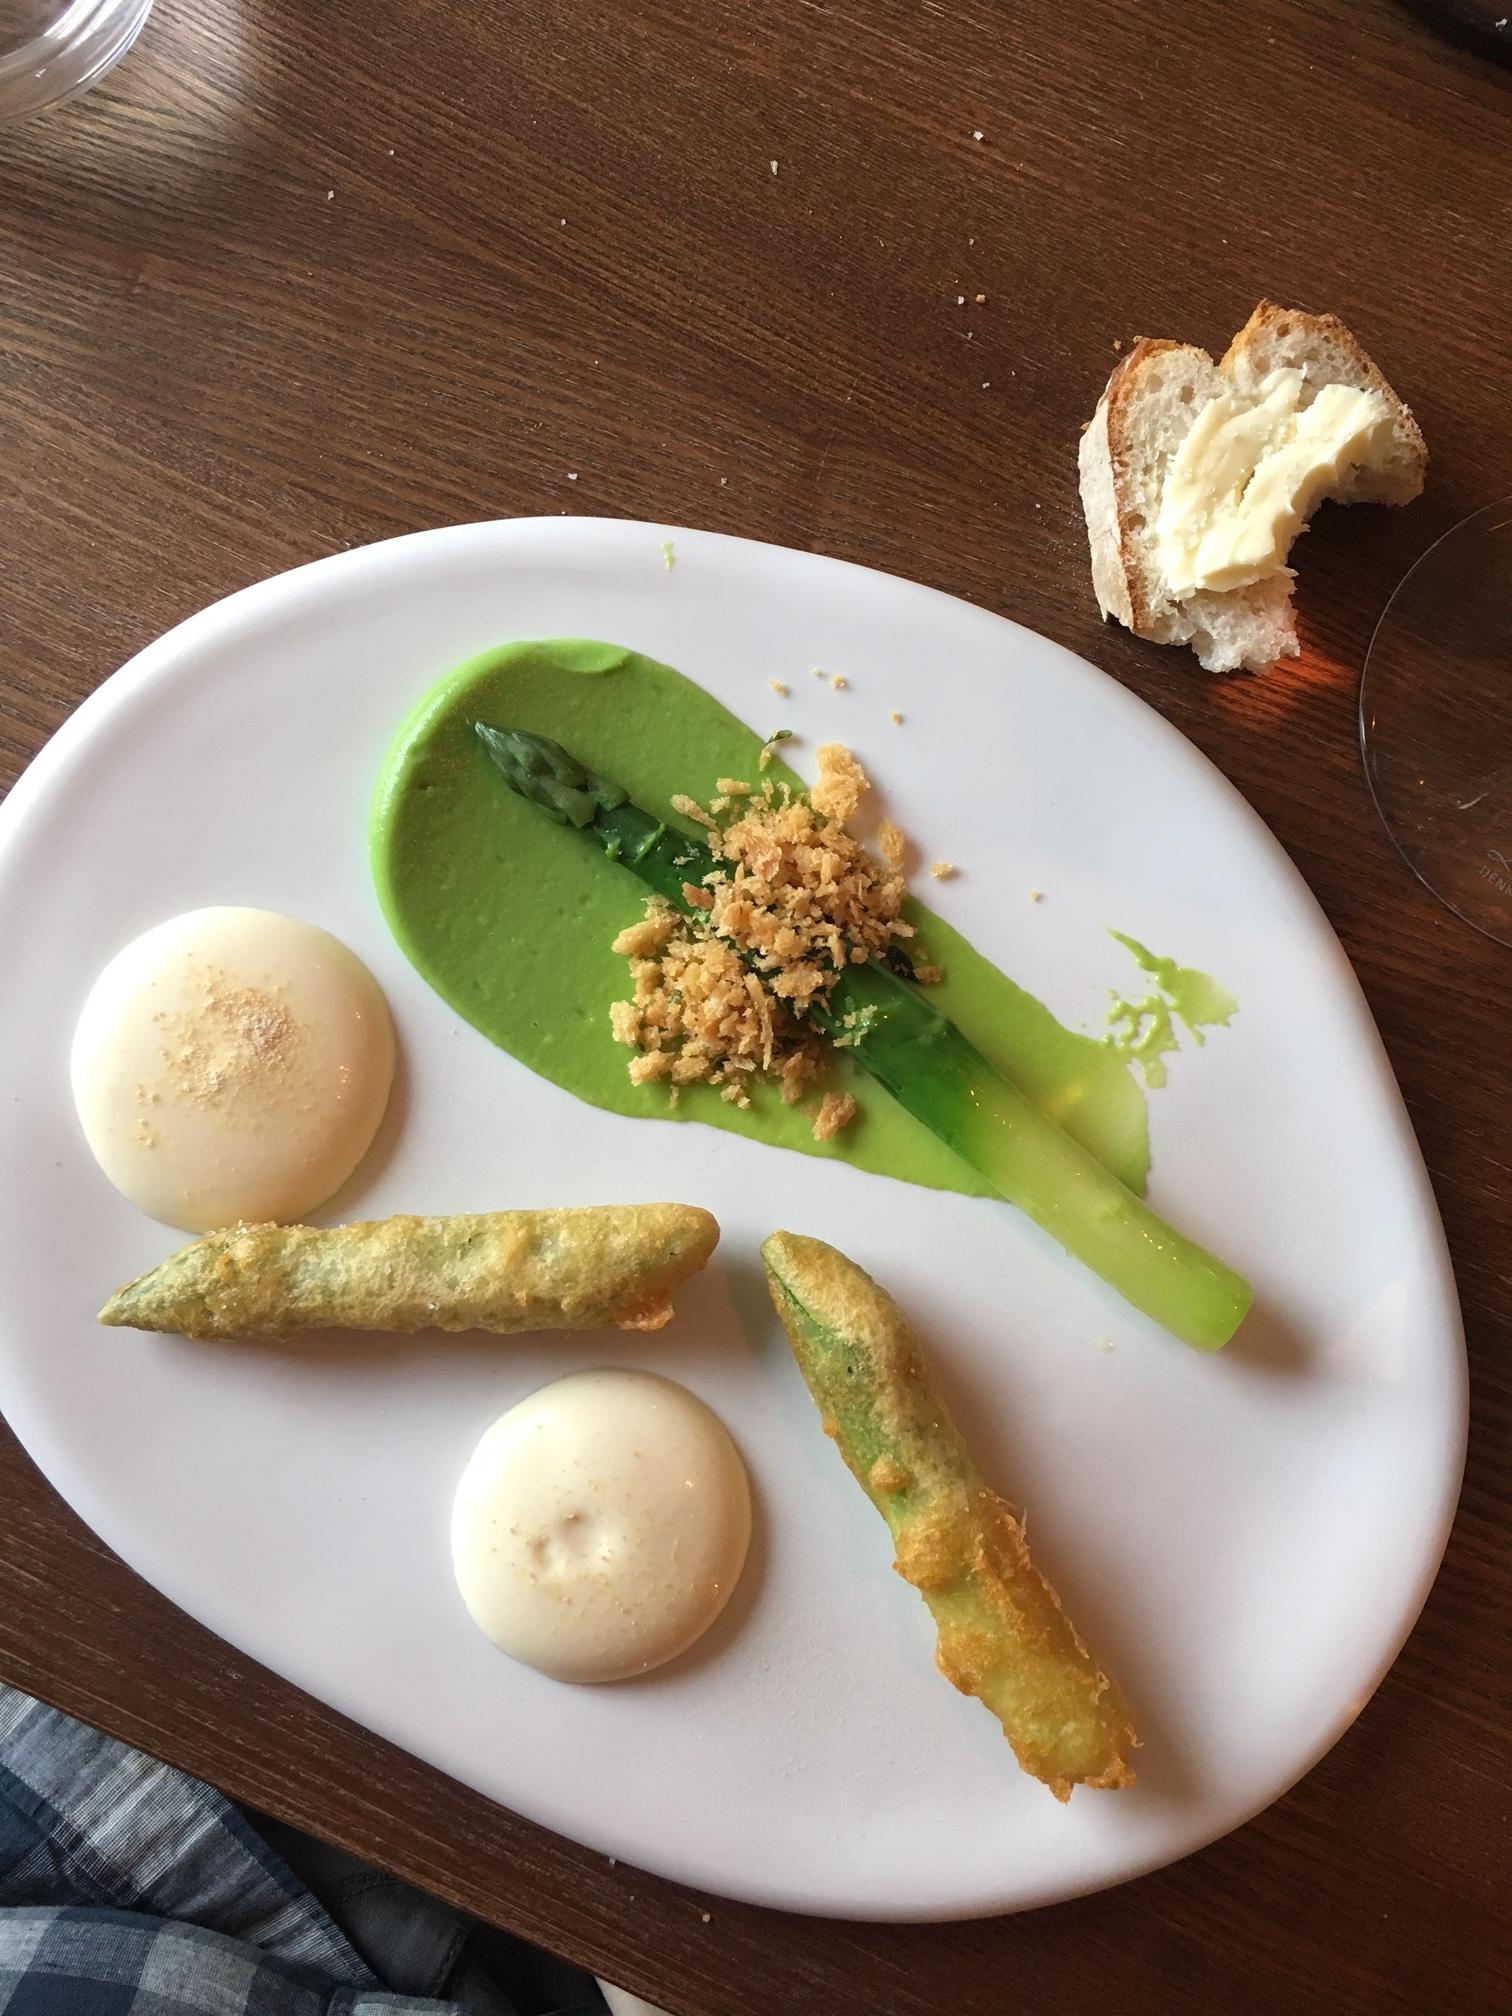 Asparagus fritter with dijon espuma (ooh la la)